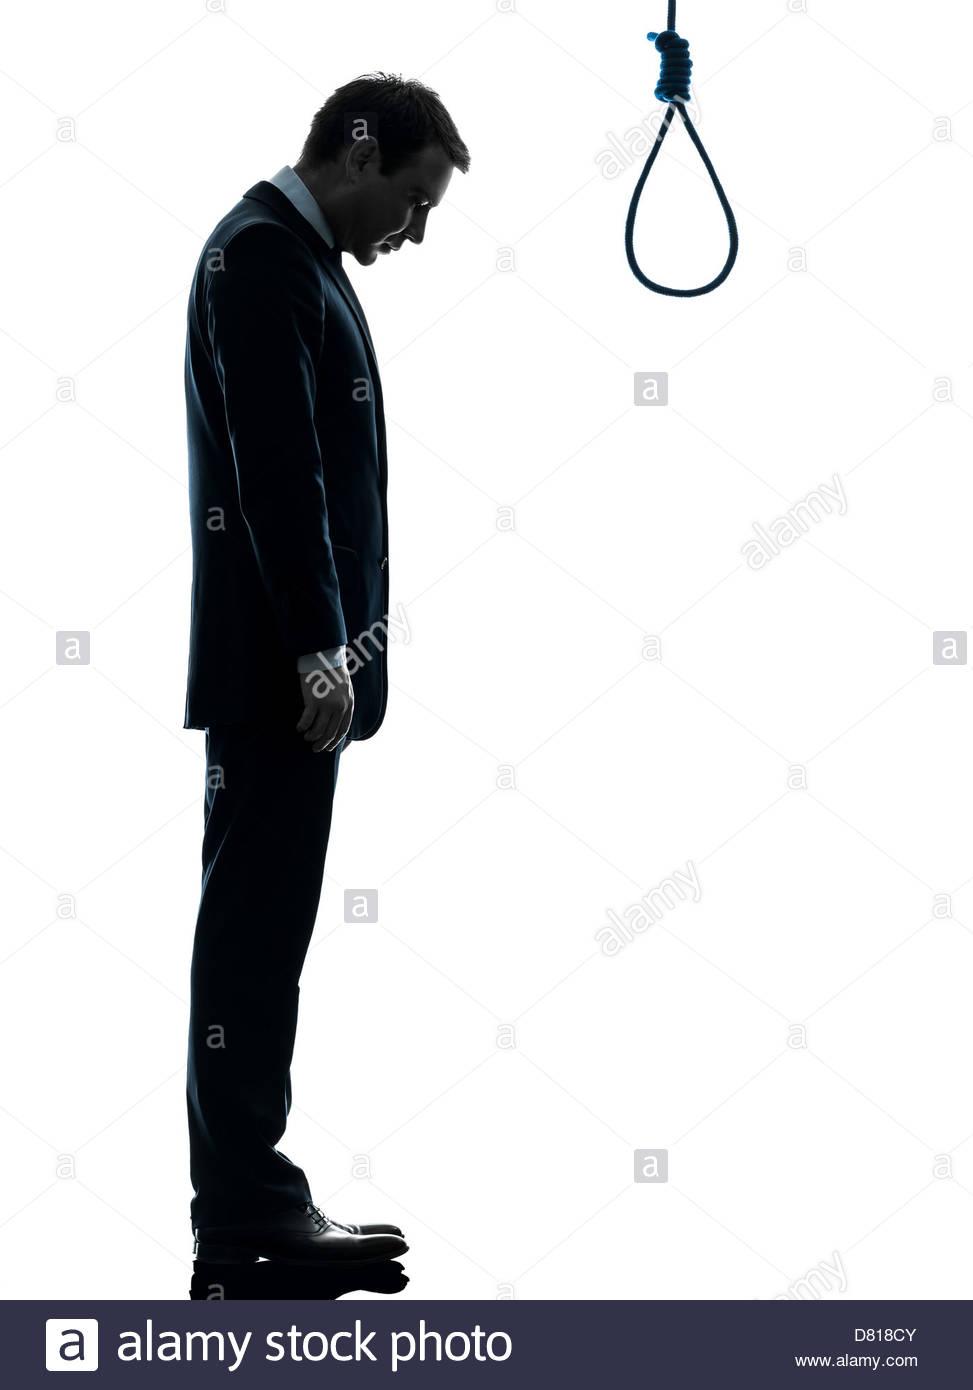 973x1390 One Man Standing In Front Of Hangman's Noose In Silhouette Studio